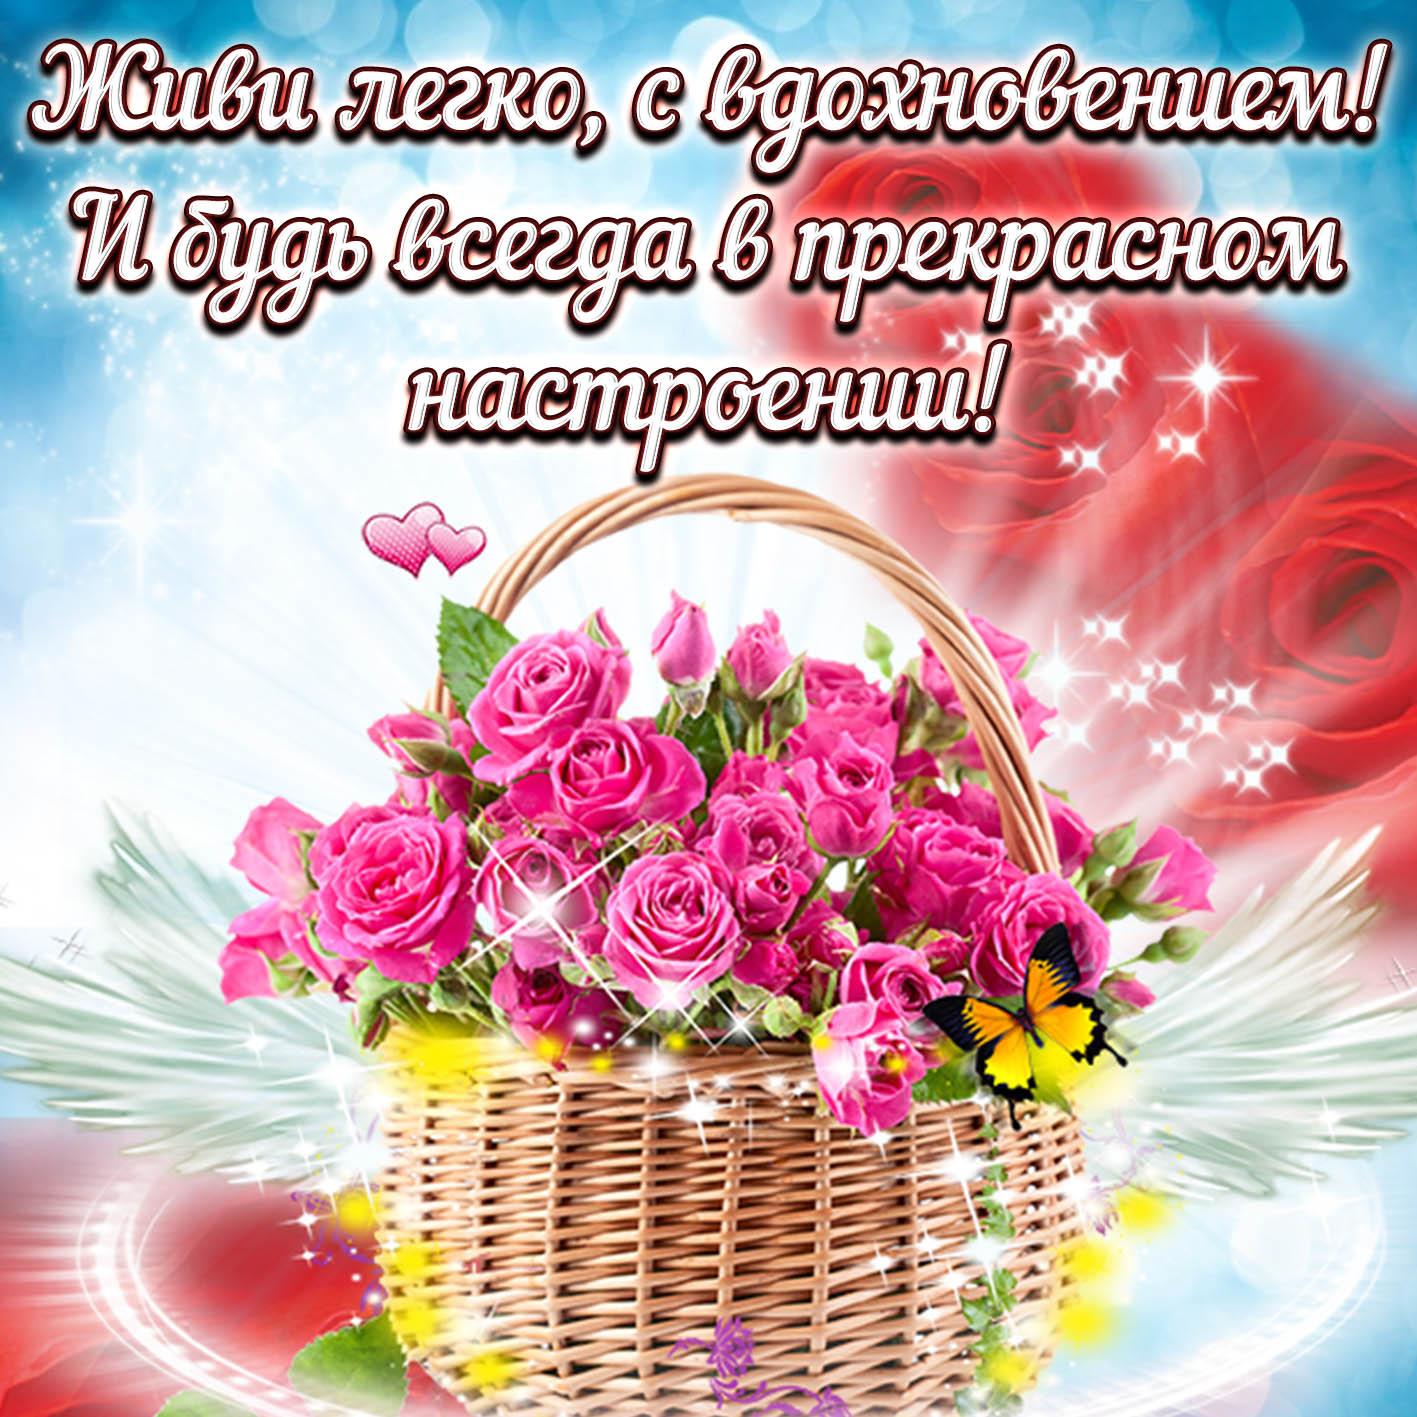 Открытка - корзина ярких роз для прекрасного настроения